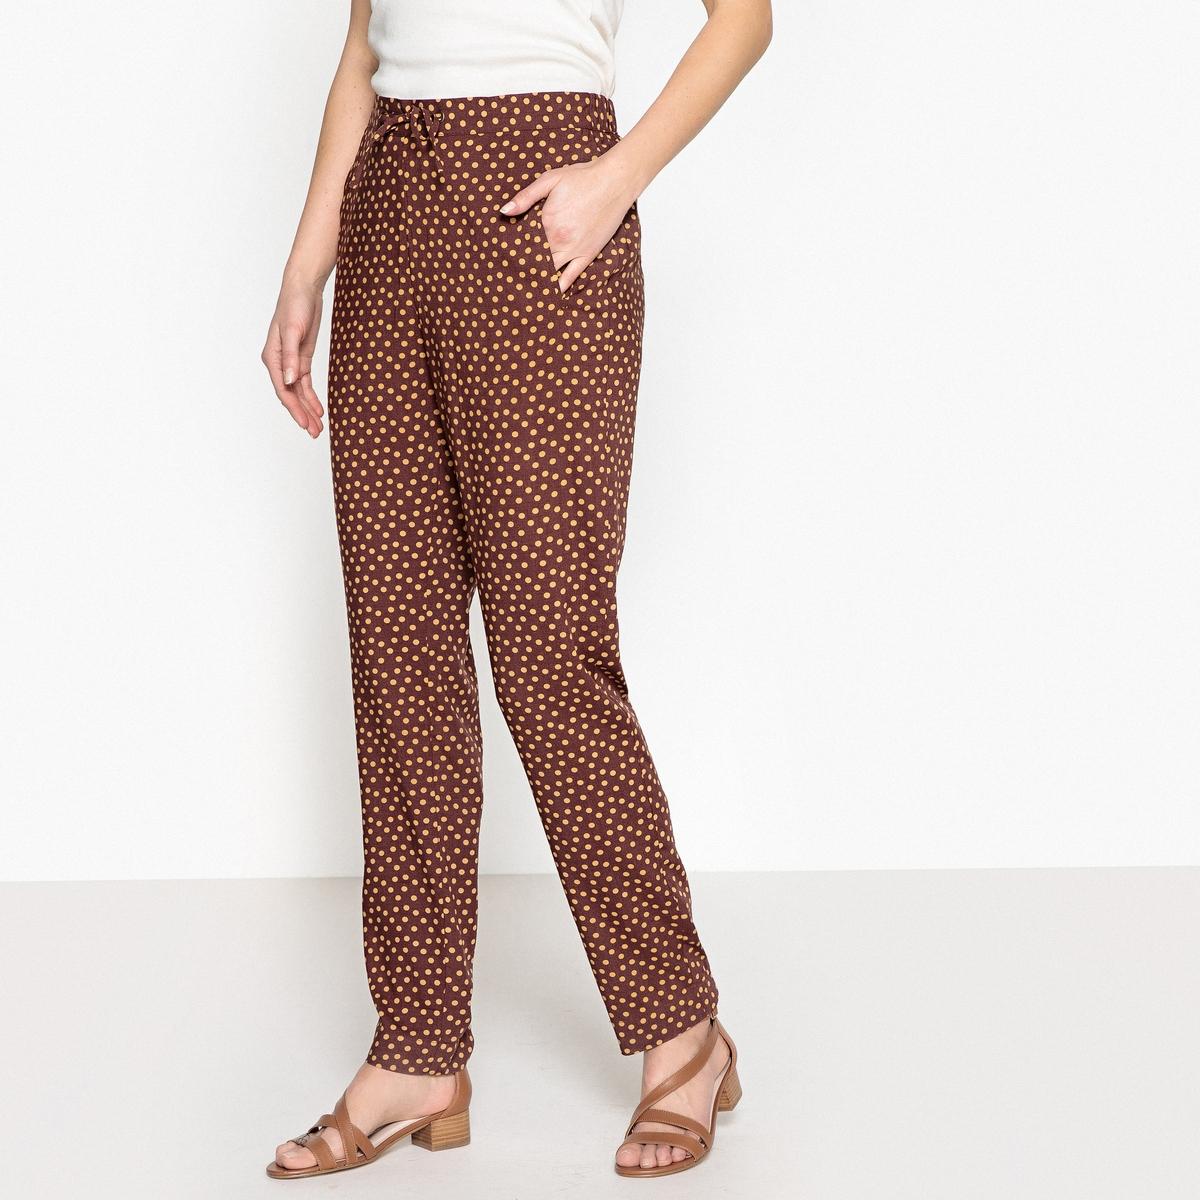 Брюки узкие, дудочки джинсы дудочки quelle melrose 745642